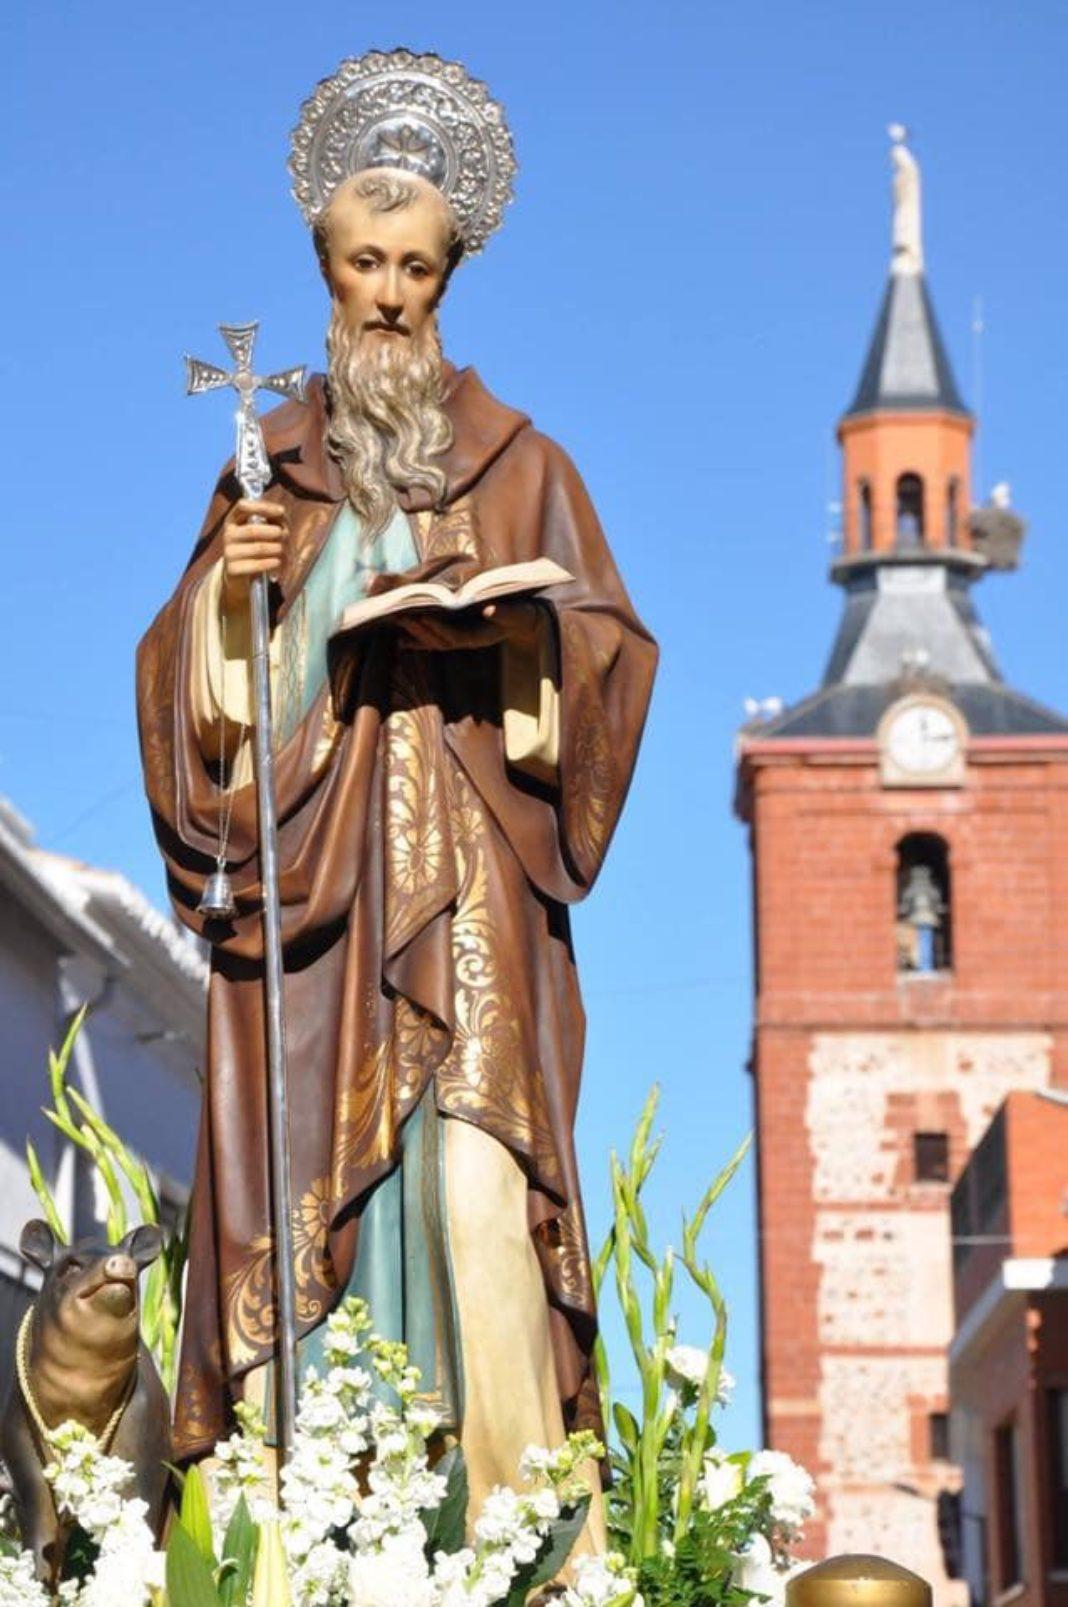 imagen de San Antón de Herencia 1068x1607 - Actos para celebrar la festividad de San Antón en Herencia